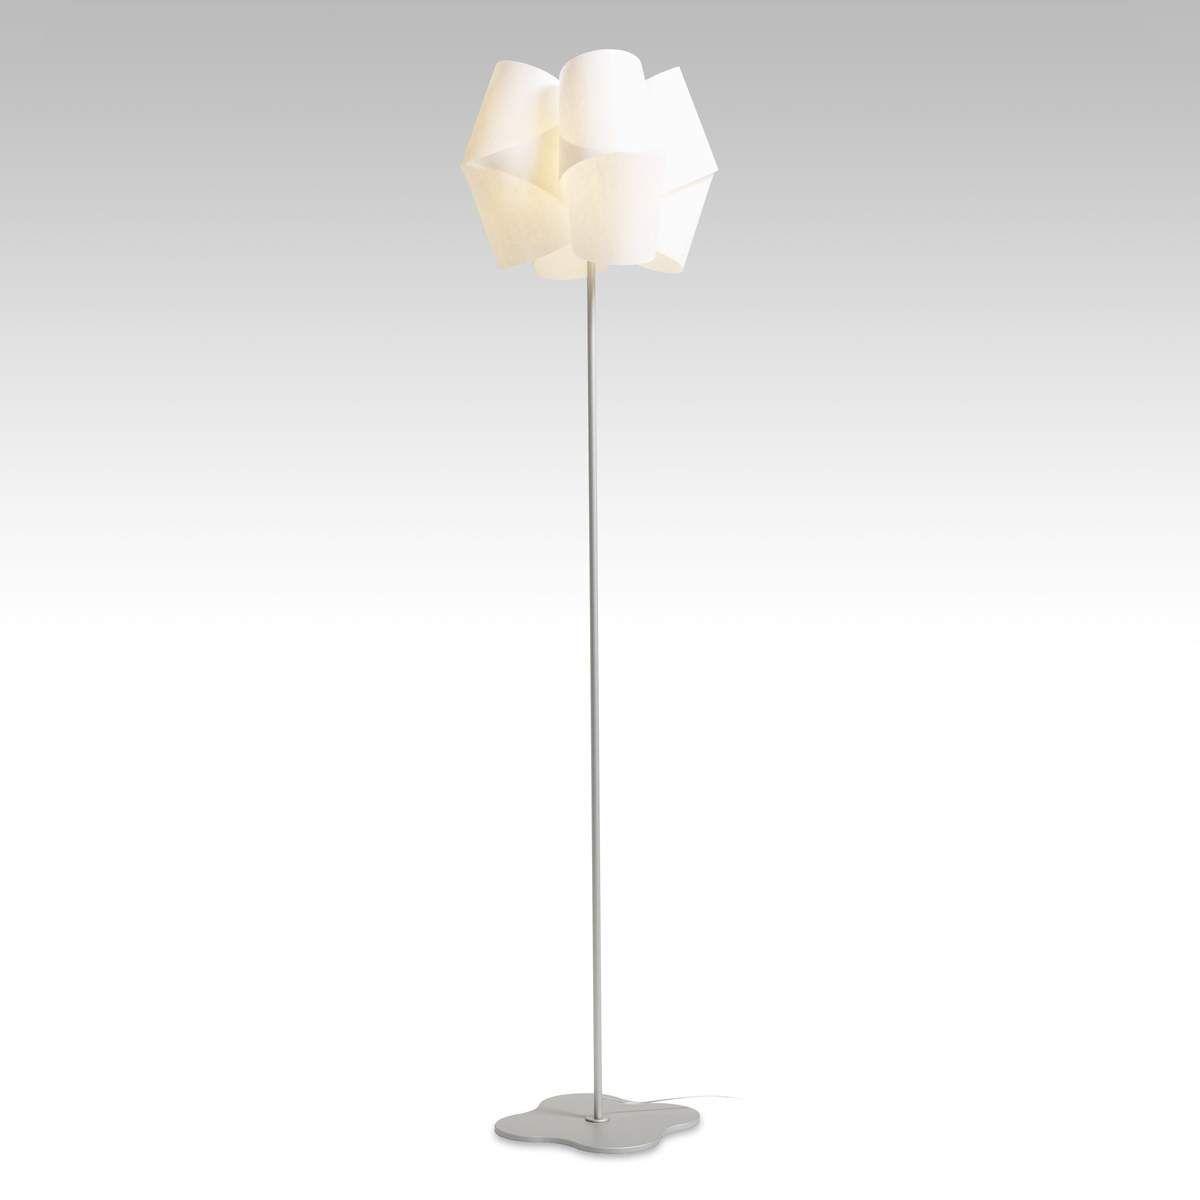 Liebenswert Stehlampe Mit Schirm Dekoration Von Mehreren Schirmen | Brauner | Stehleuchte Retro